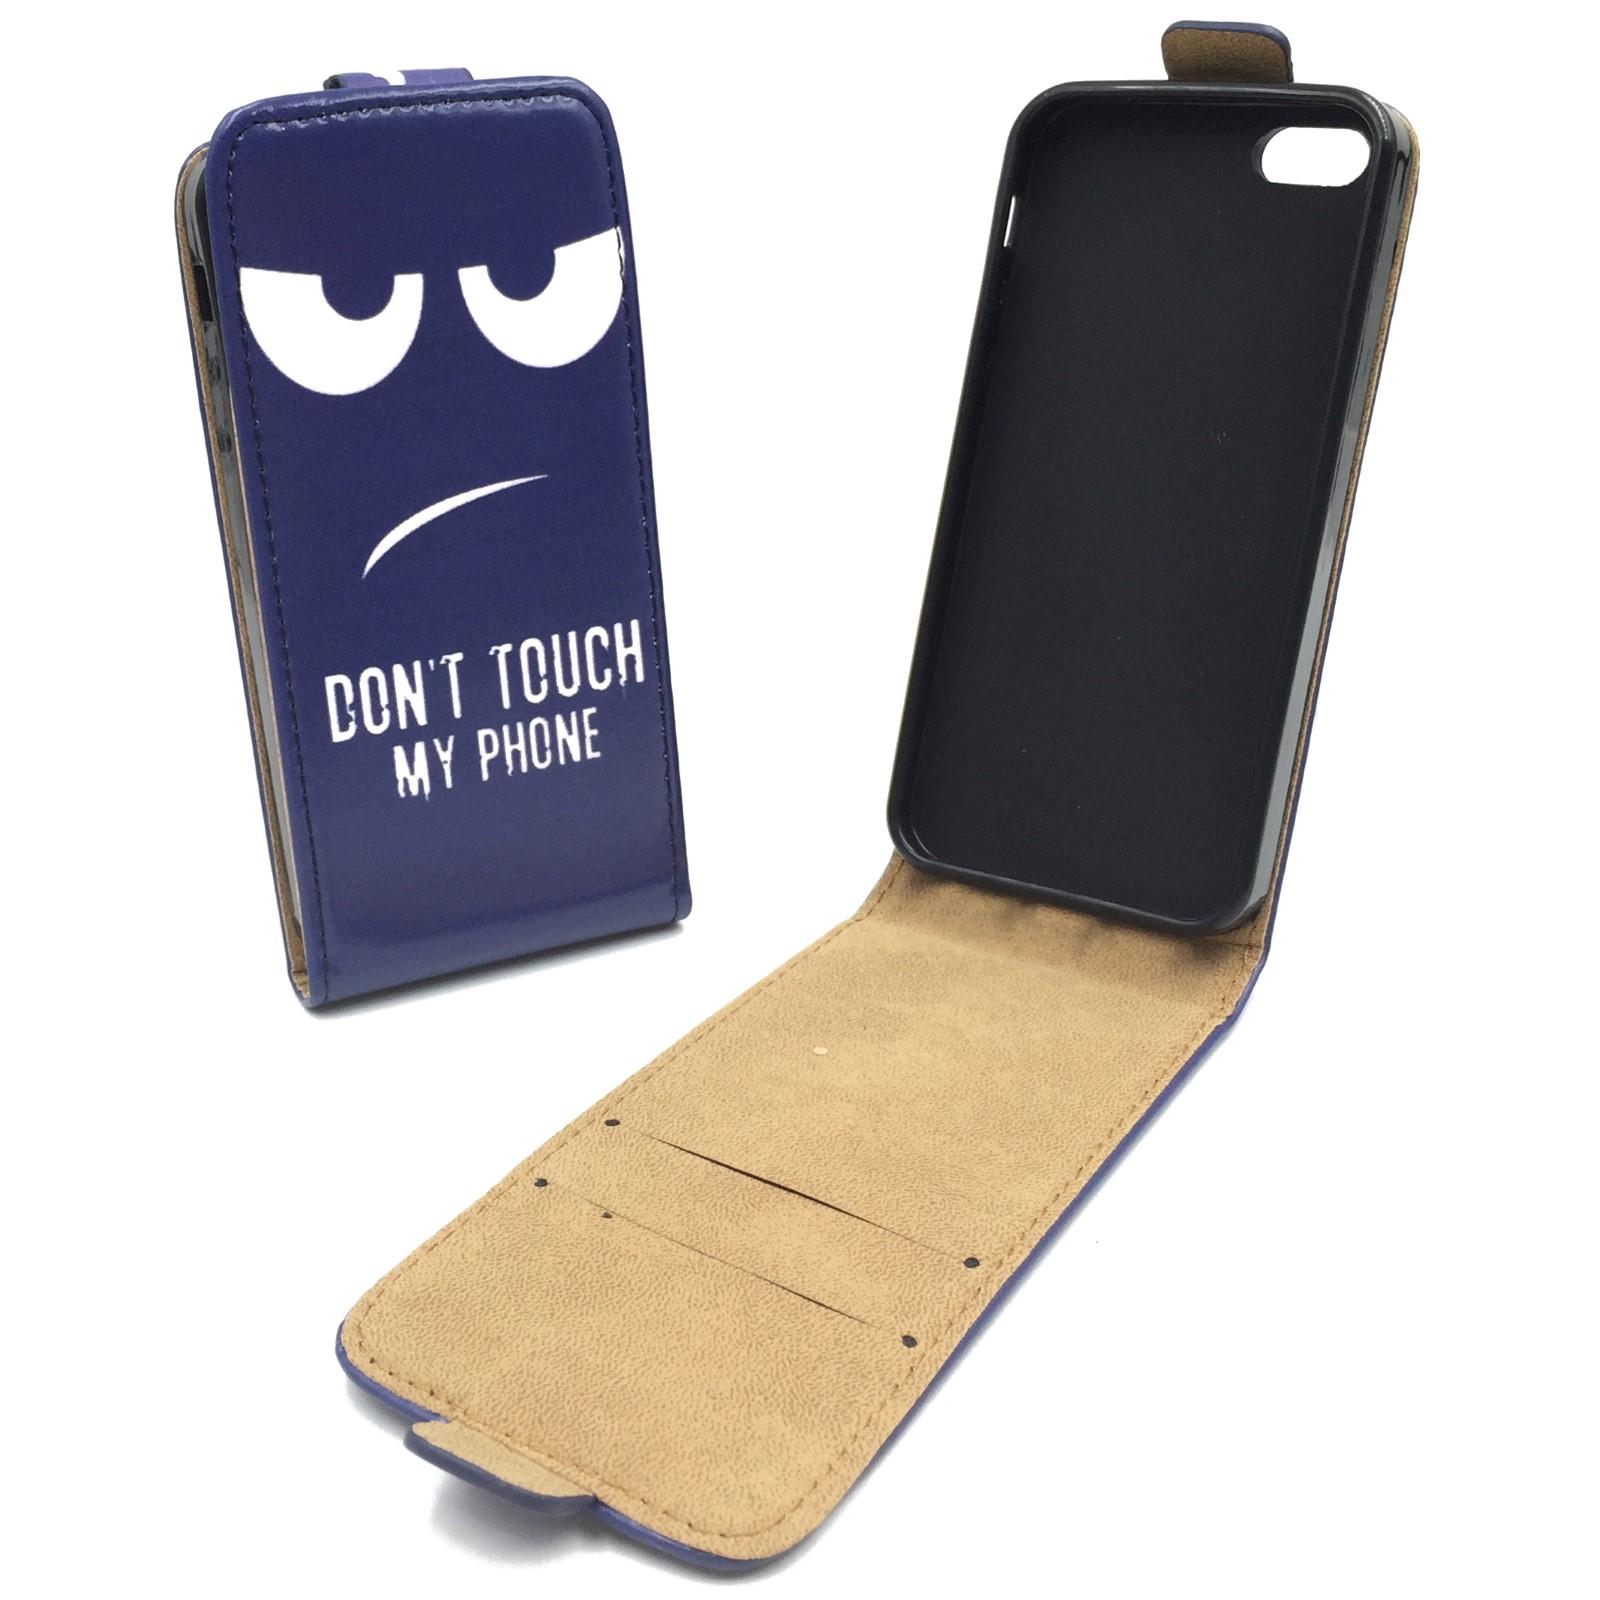 handyh lle tasche f r handy apple iphone se 5 5s dont. Black Bedroom Furniture Sets. Home Design Ideas